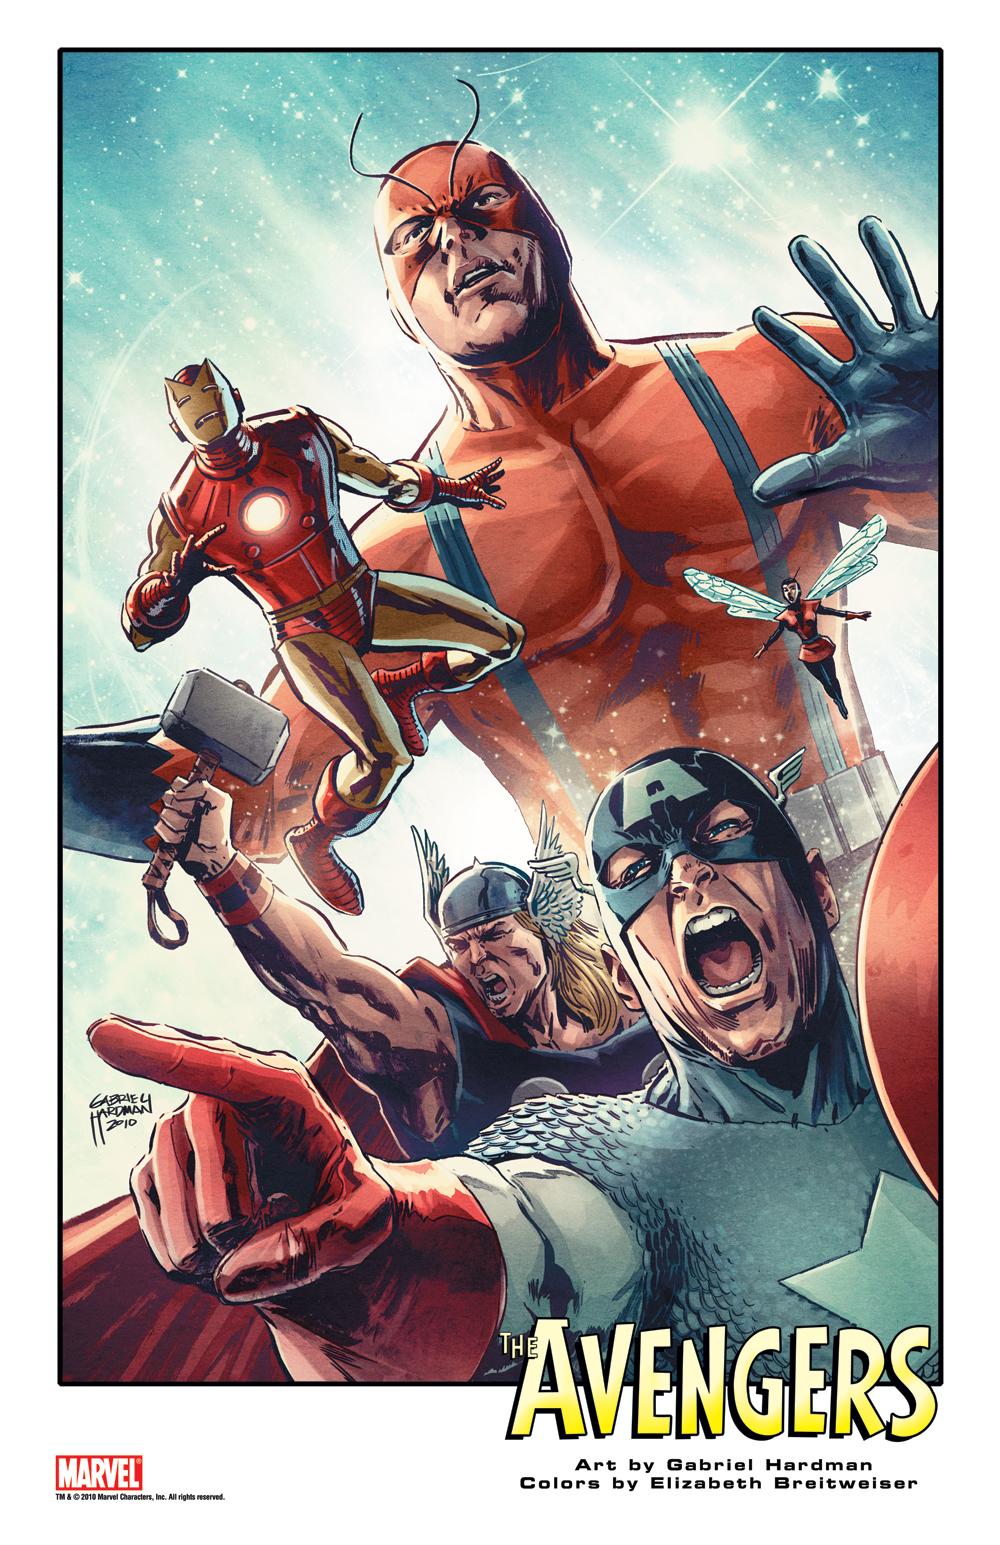 Pin Red-hulk-avengers-movie-ending on Pinterest